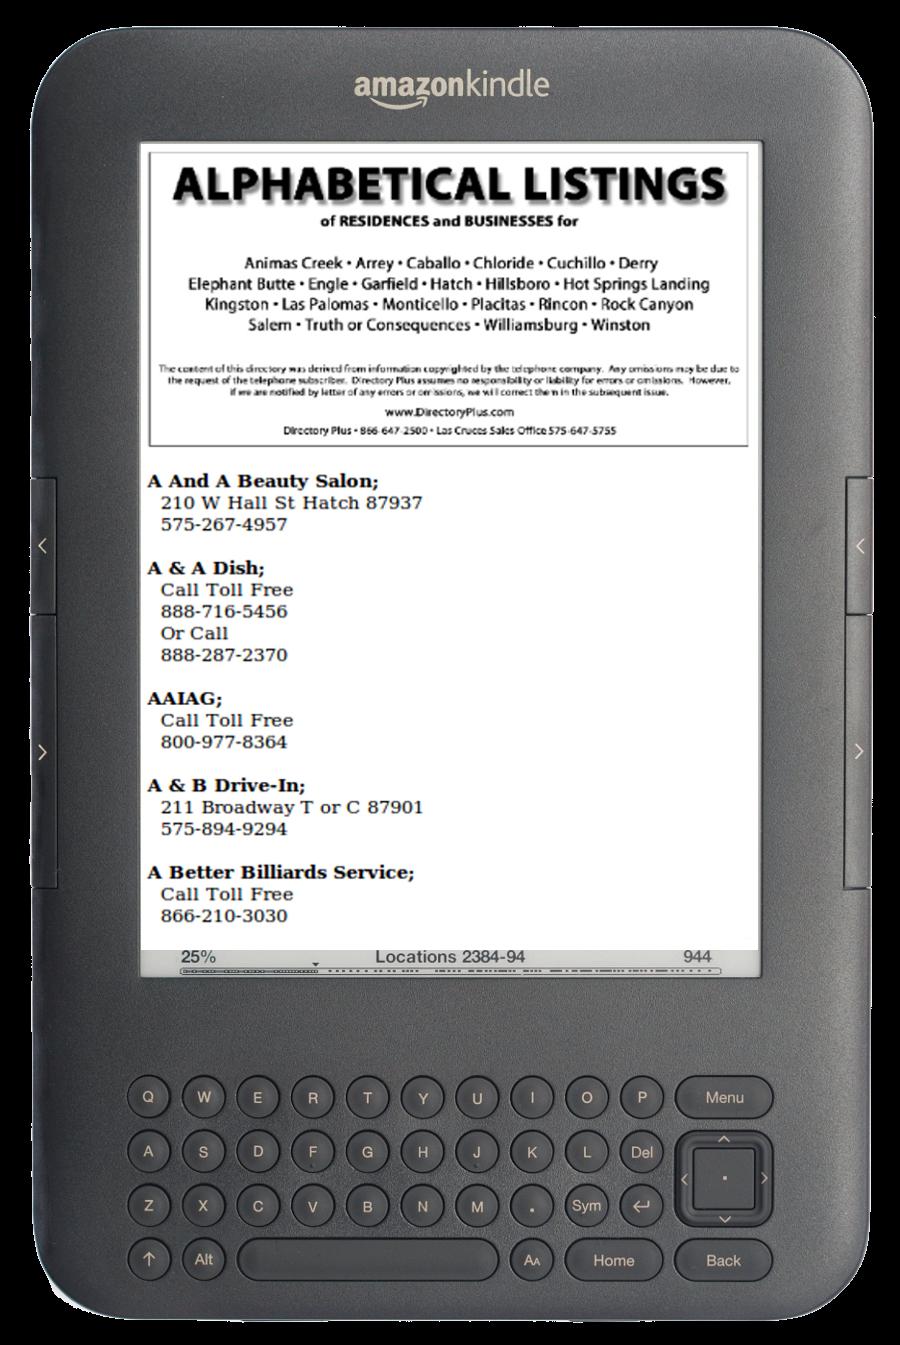 Amazon Kindle Logo Png For the amazon kindle andAmazon Kindle Logo Png